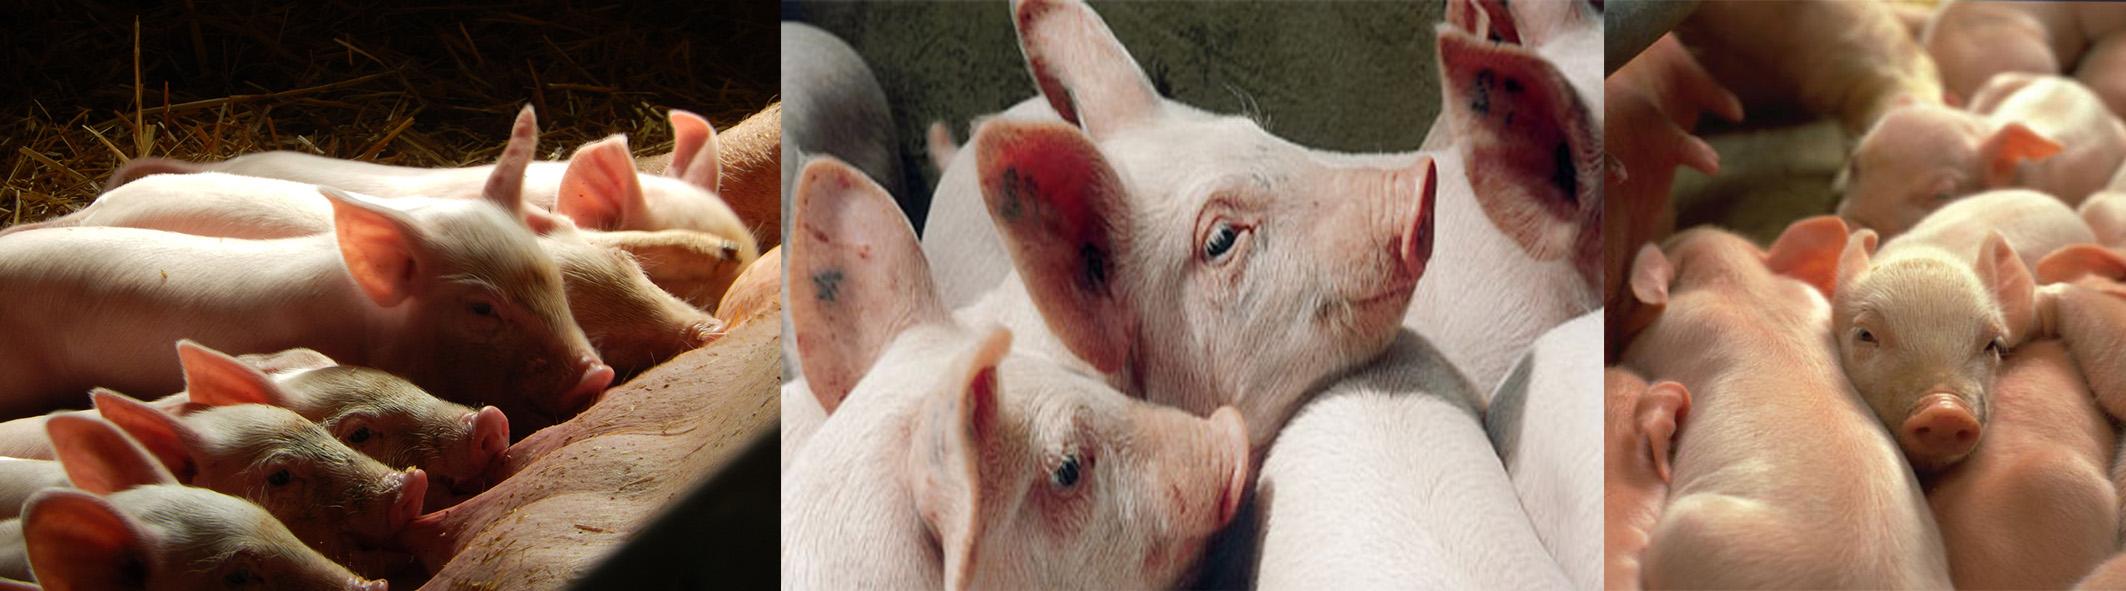 Porc, Porcelets